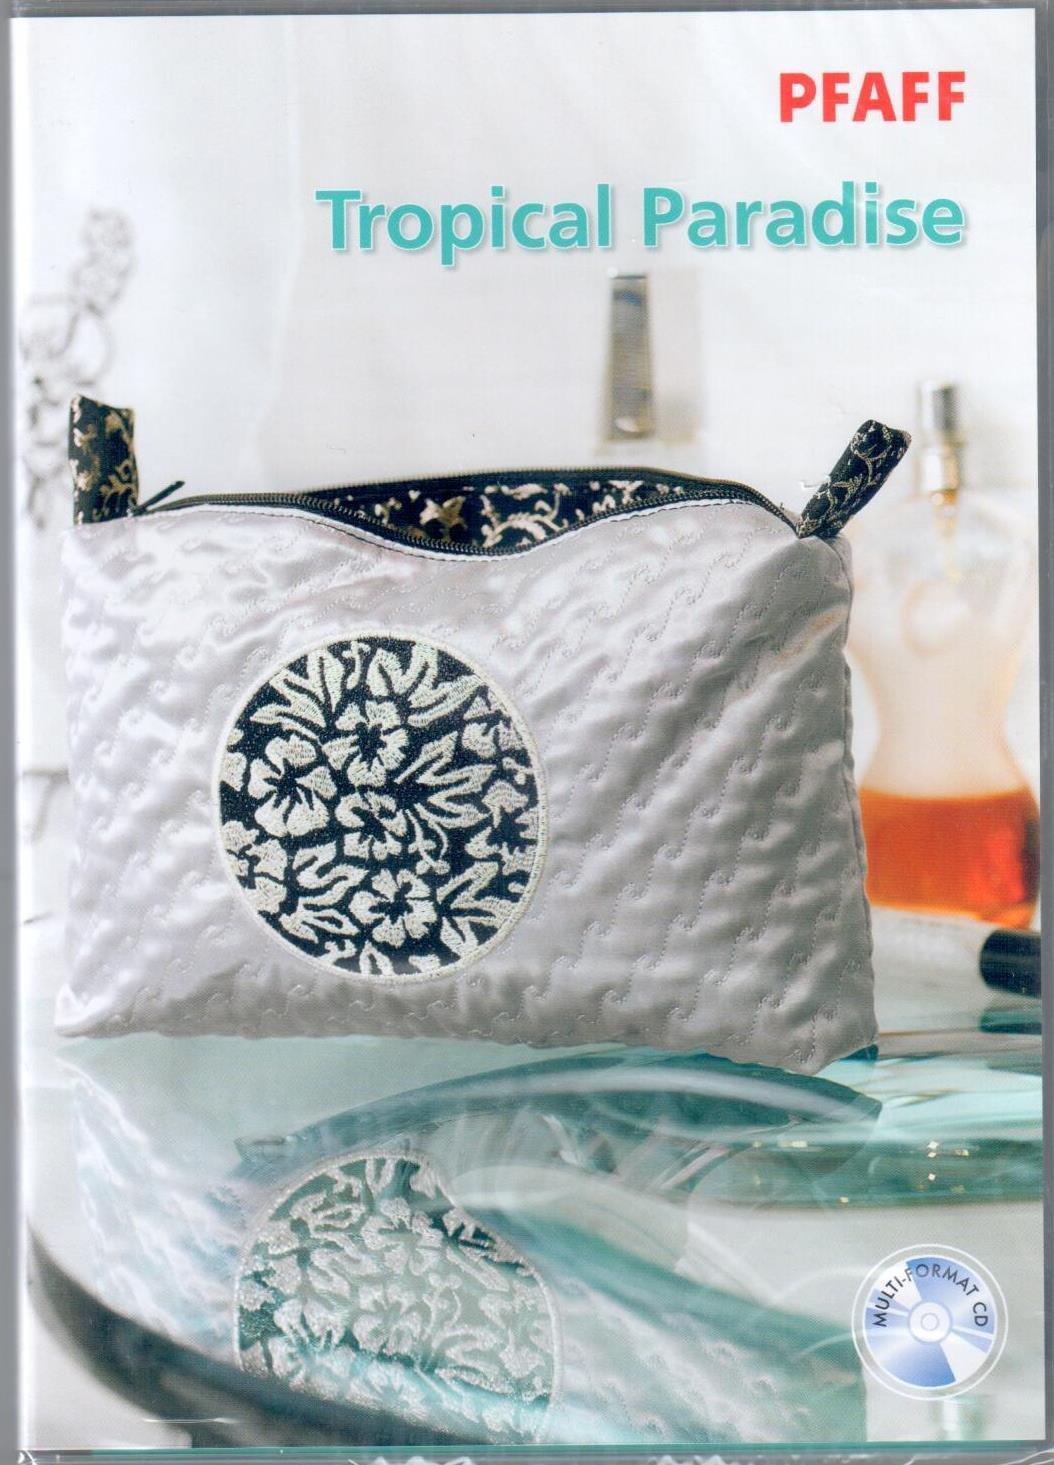 Pfaff Creative CD 376 Tropical Paradise